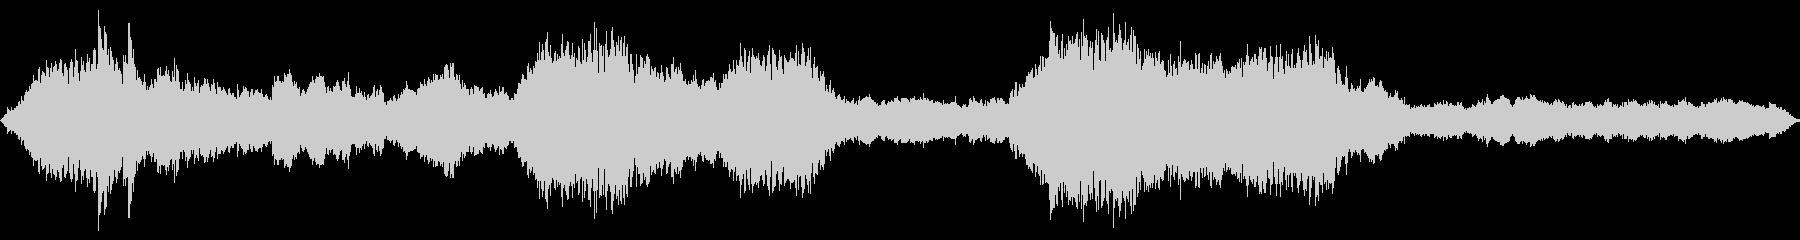 アジアン調、切なくドラマチックなBGMの未再生の波形